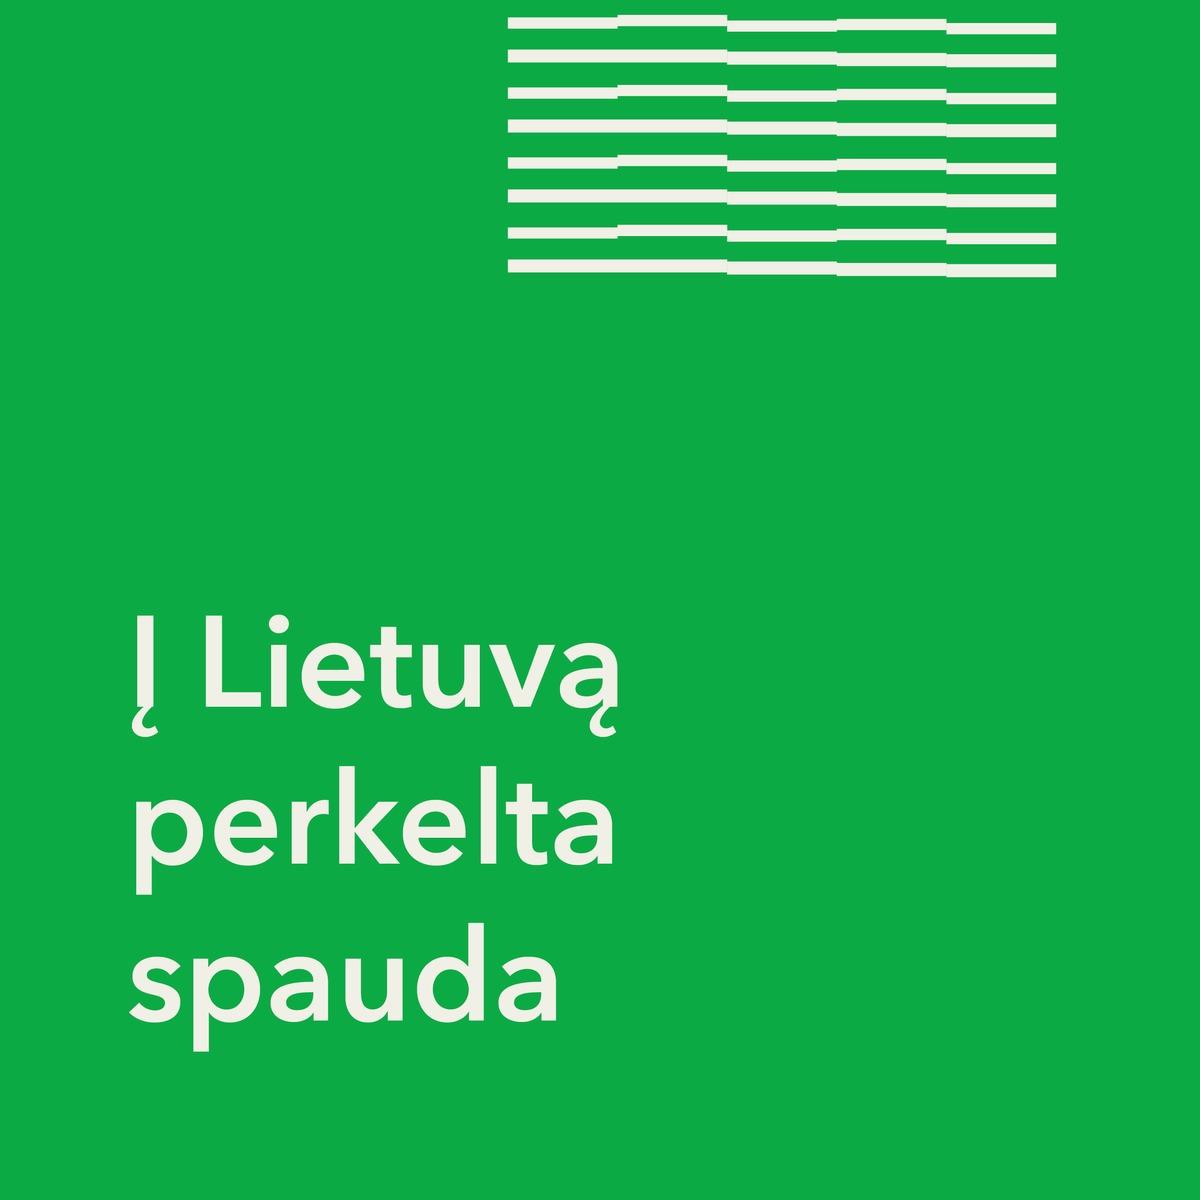 Lietuvon_perkelta_spauda.png